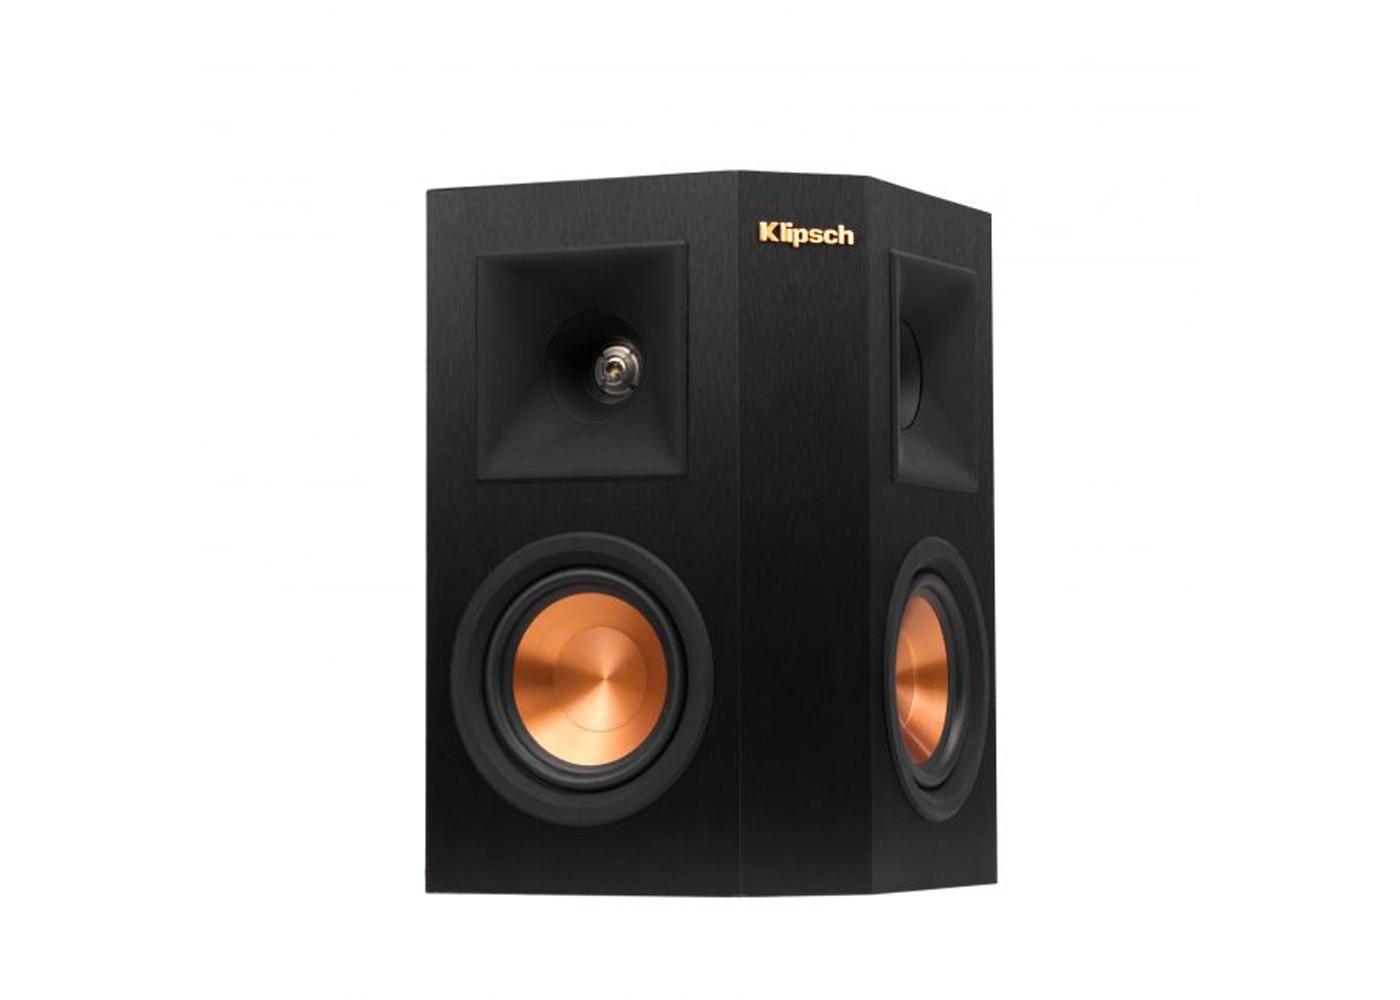 Klipsch Surround Sound >> Klipsch Rp 240s Blk Black Surround Sound Speaker